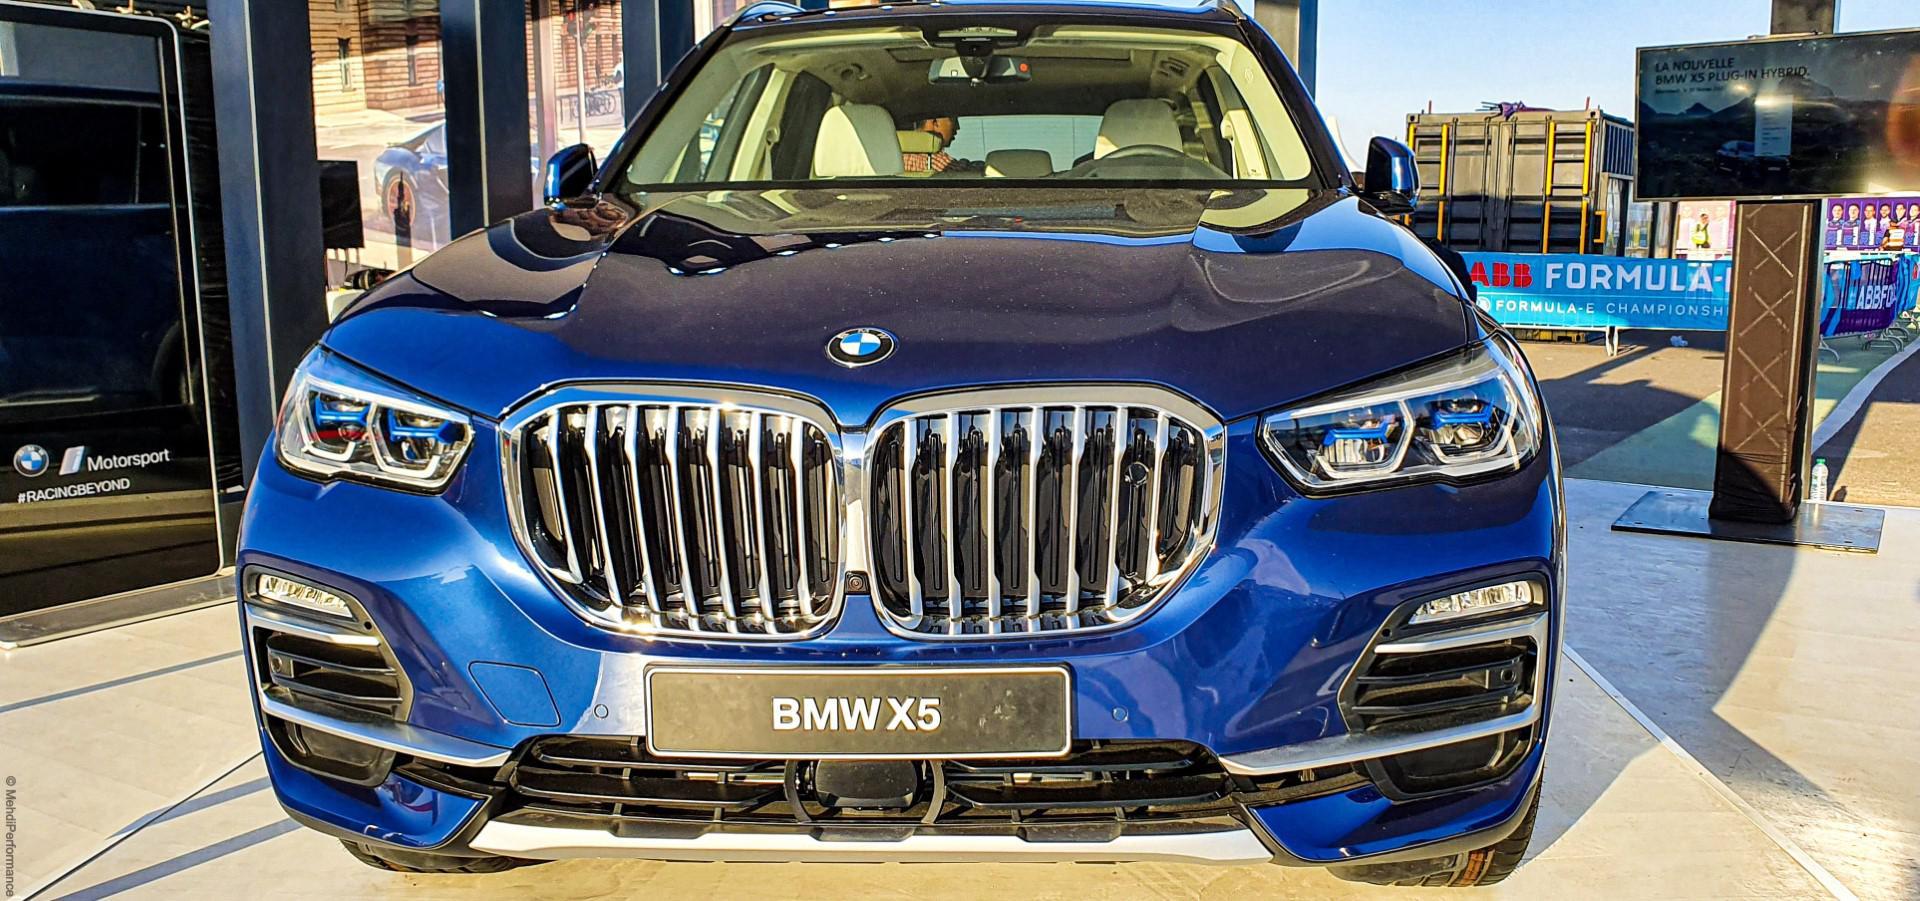 lancement-electrique-pour-le-nouveau-bmw-x5-hybride-1219-8.jpg